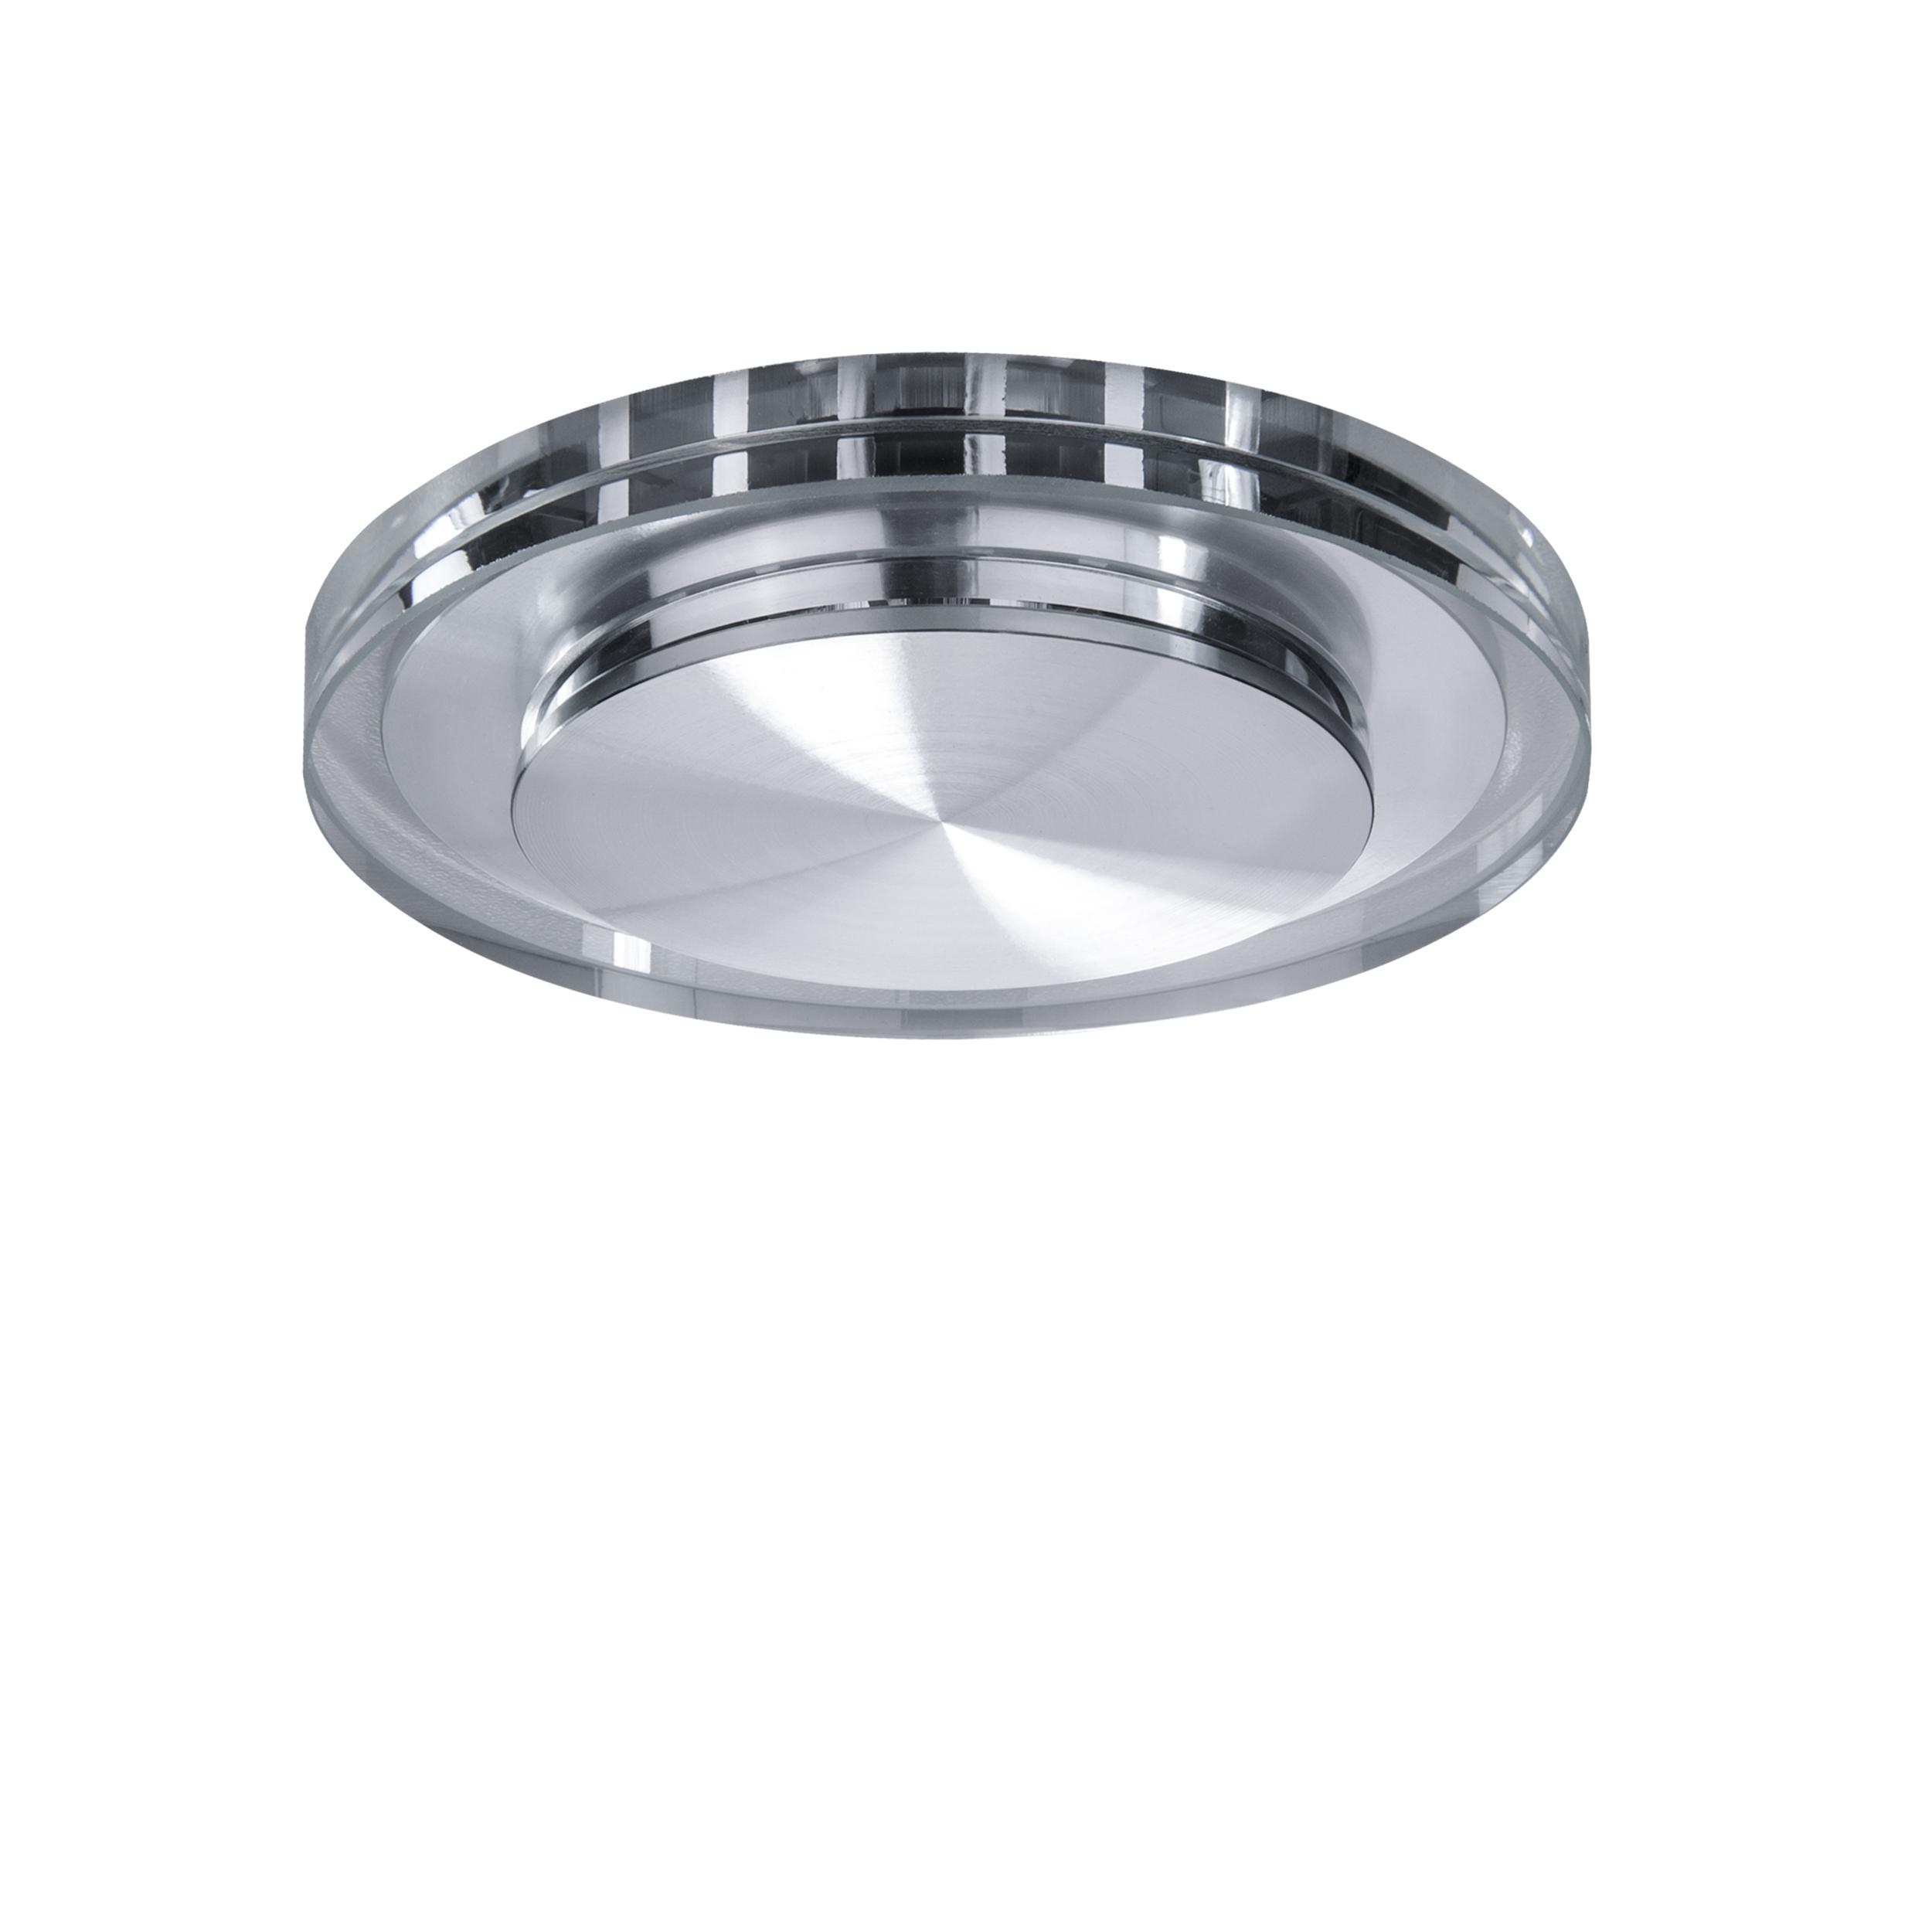 Встраиваемый светодиодный светильник Lightstar Speccio 070312, IP44 3000K (теплый), прозрачный, стекло - фото 1